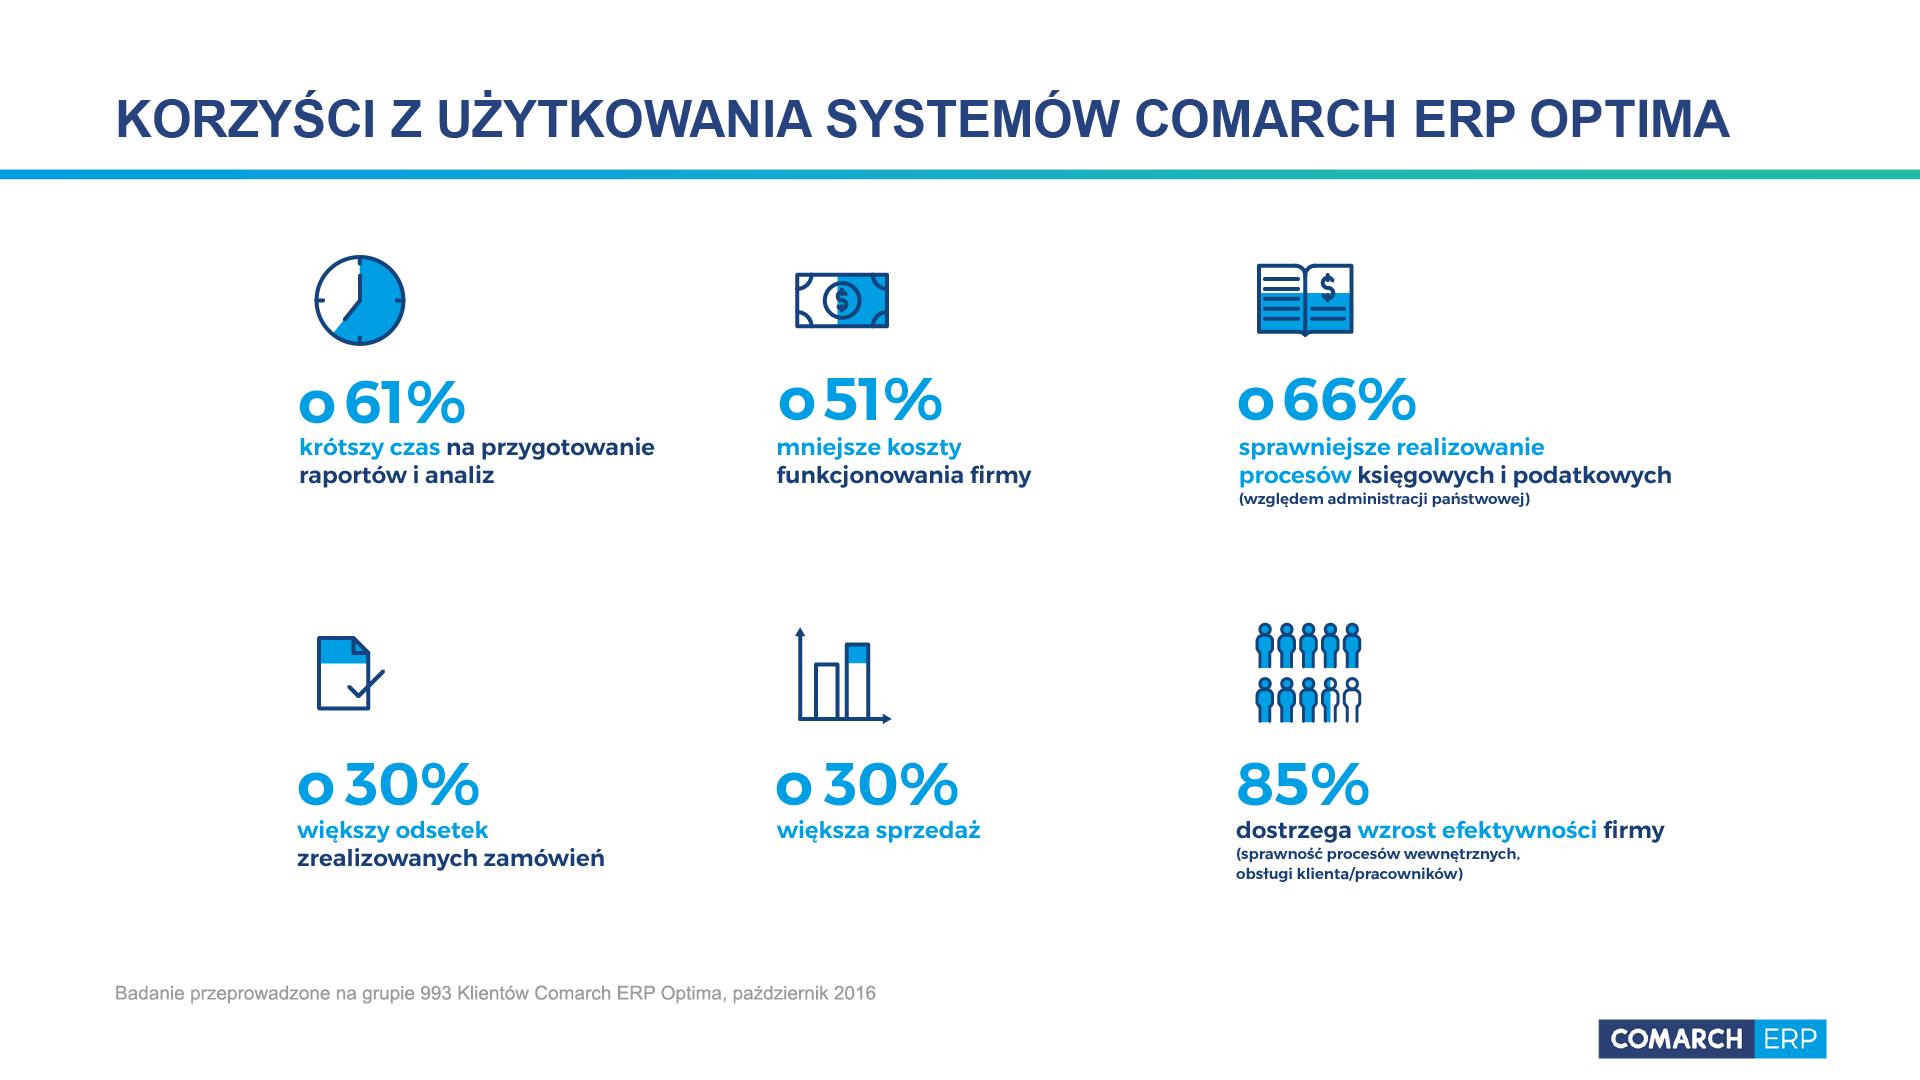 Optima Kutno - Comarch Optima Toruń, Łowicz, Płock, Zgierz, Krośniewice, Kutno, Gostynin, Włocławek, Koło, Konin - Program dla biur rachunkowych. Partner Comarch.